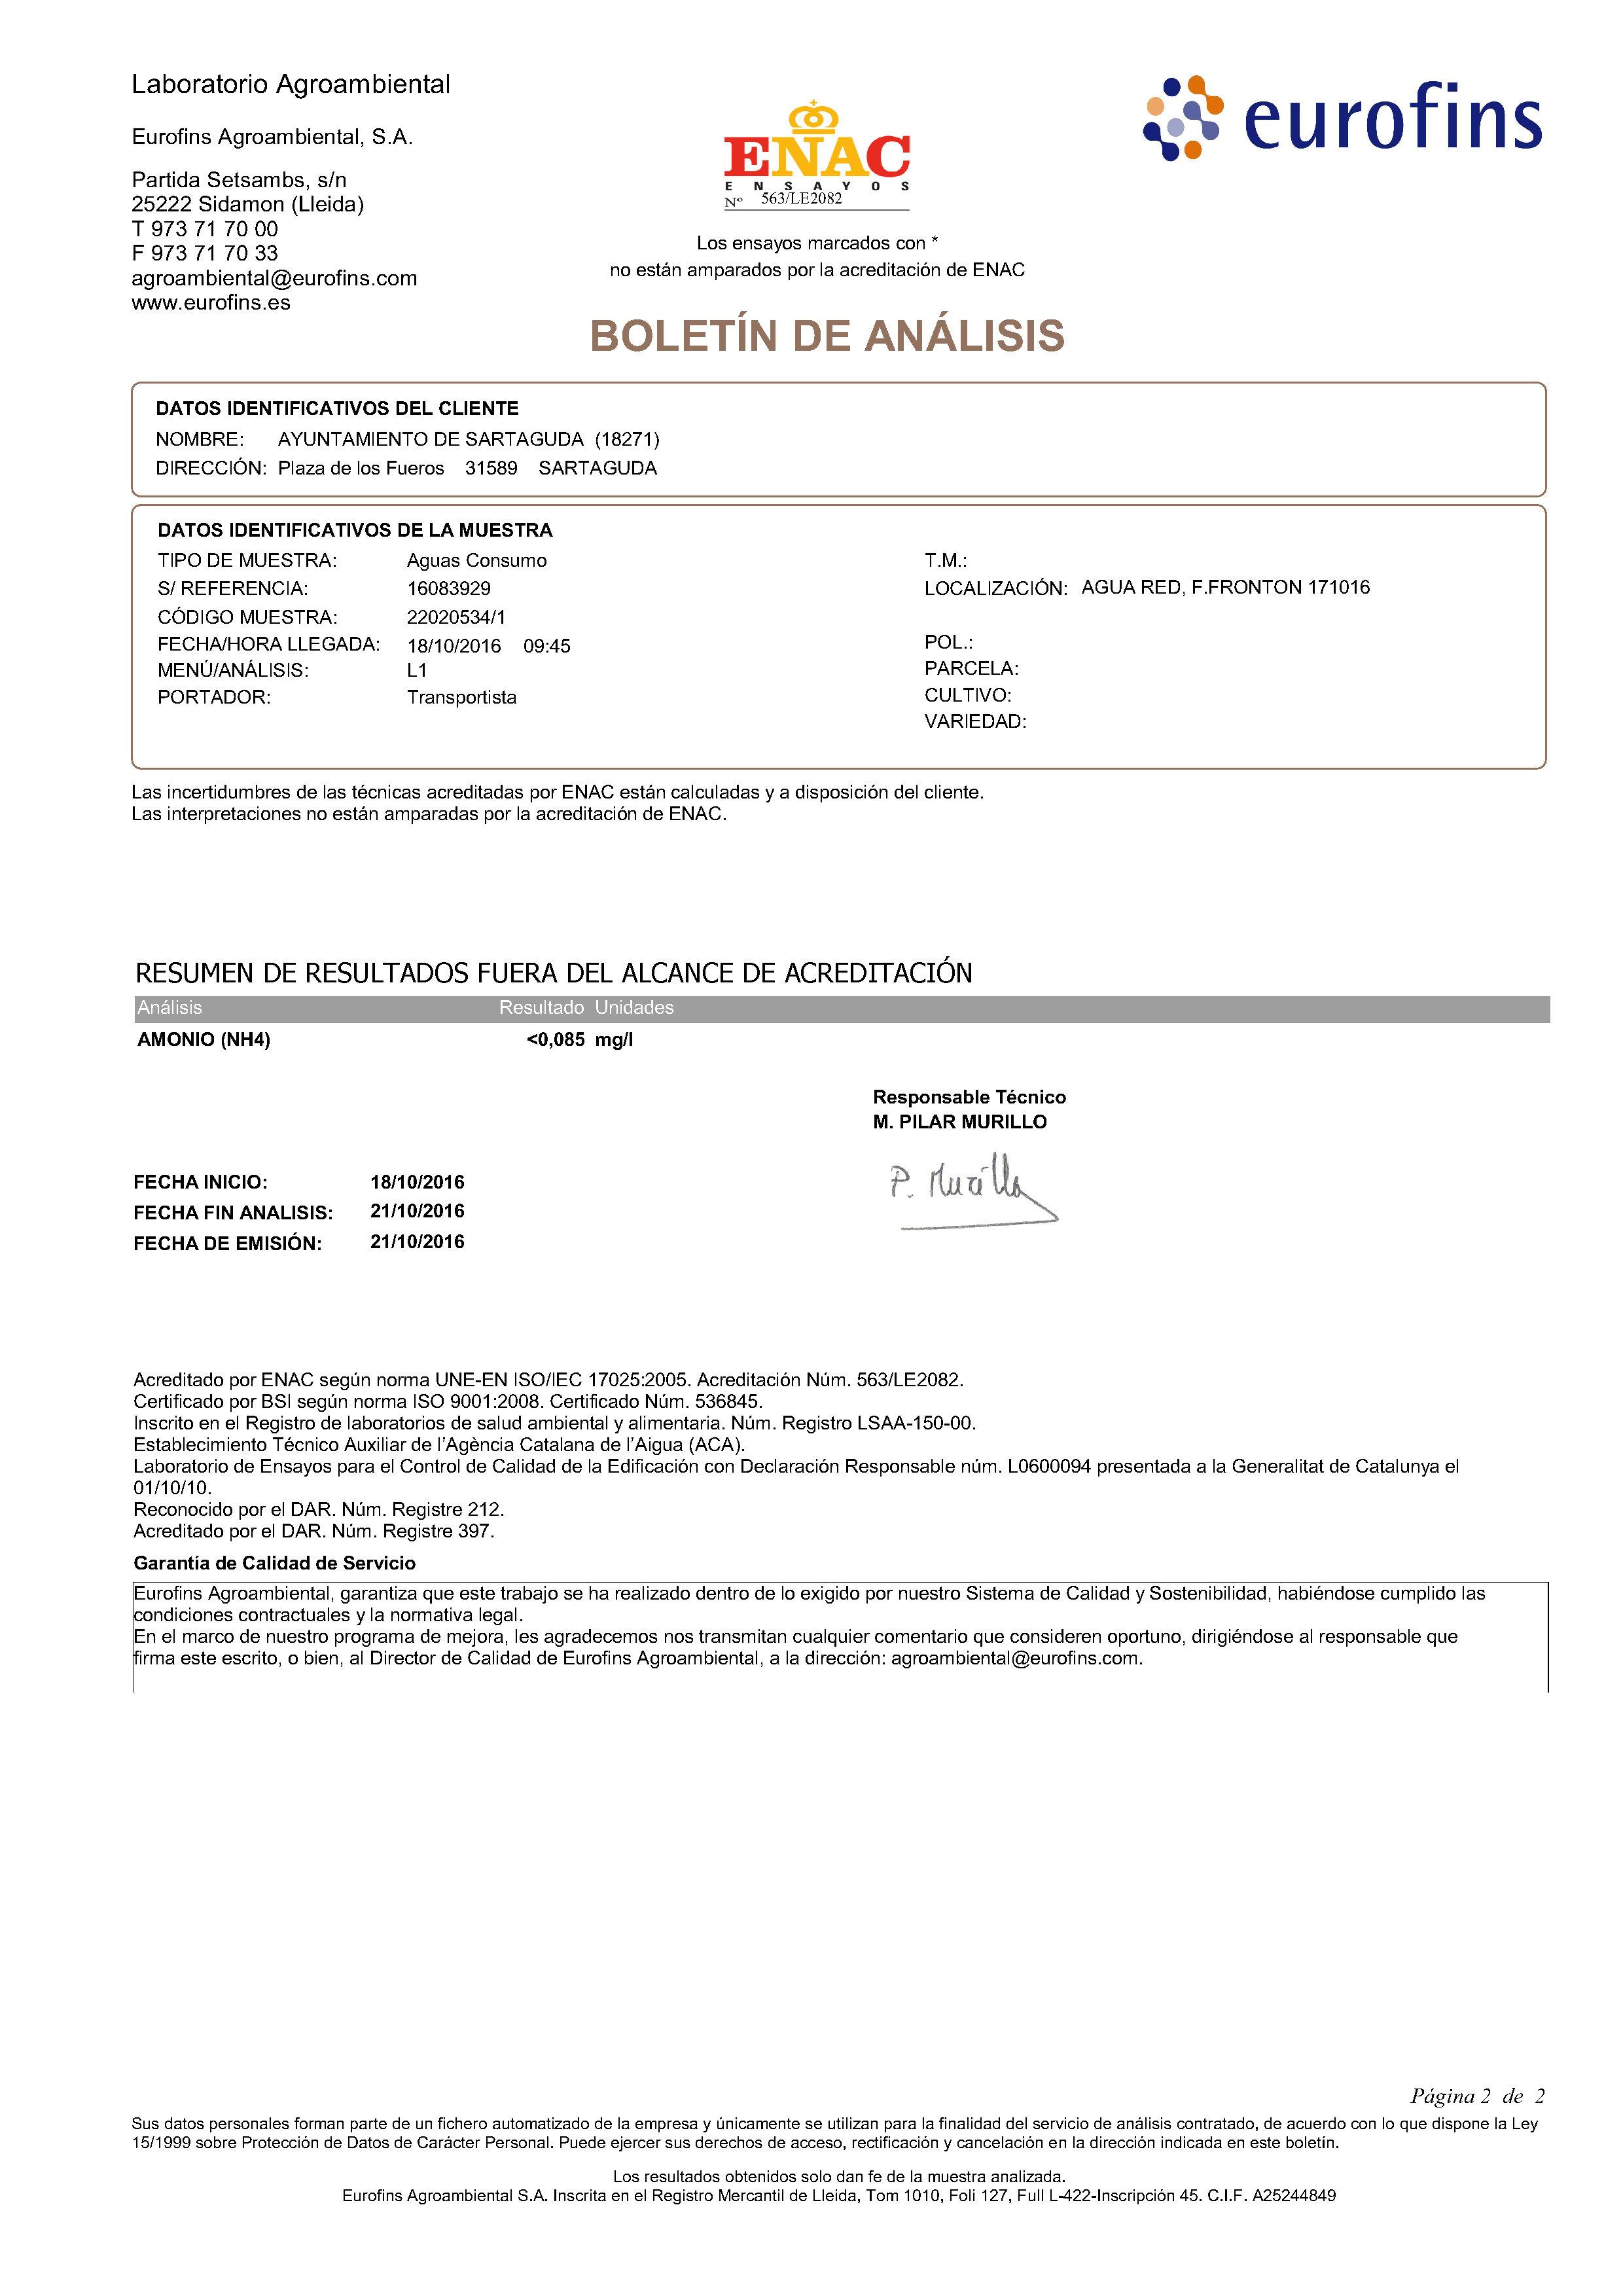 pag2-22020534-1-16083929-ayuntamiento-de-sartaguda-211016